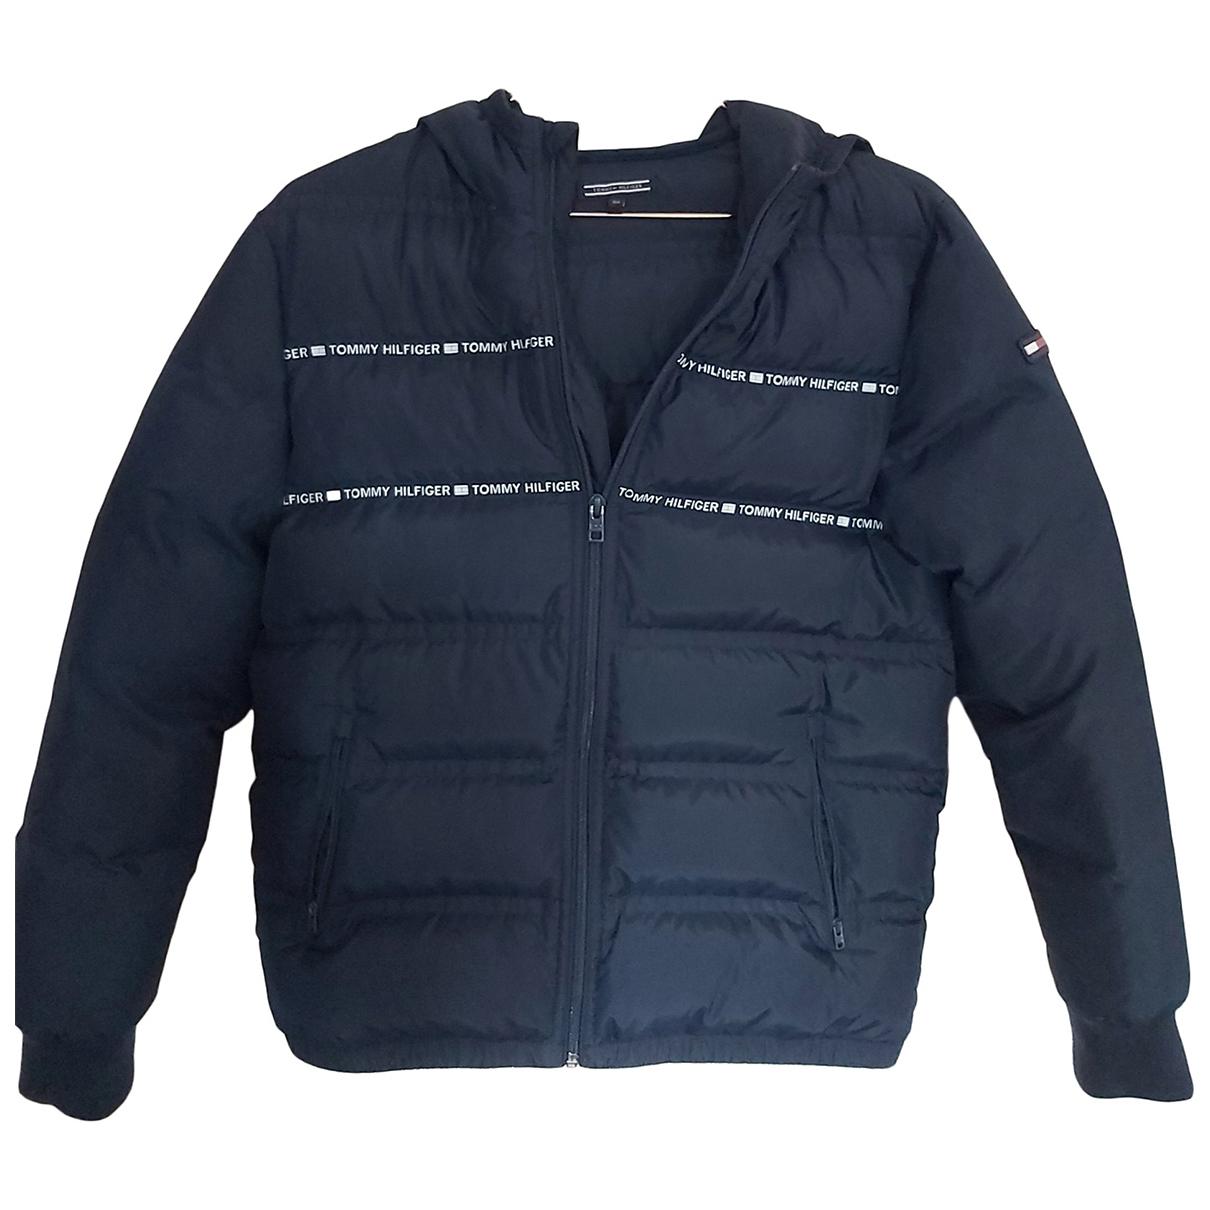 Tommy Hilfiger \N Navy coat  for Men S International